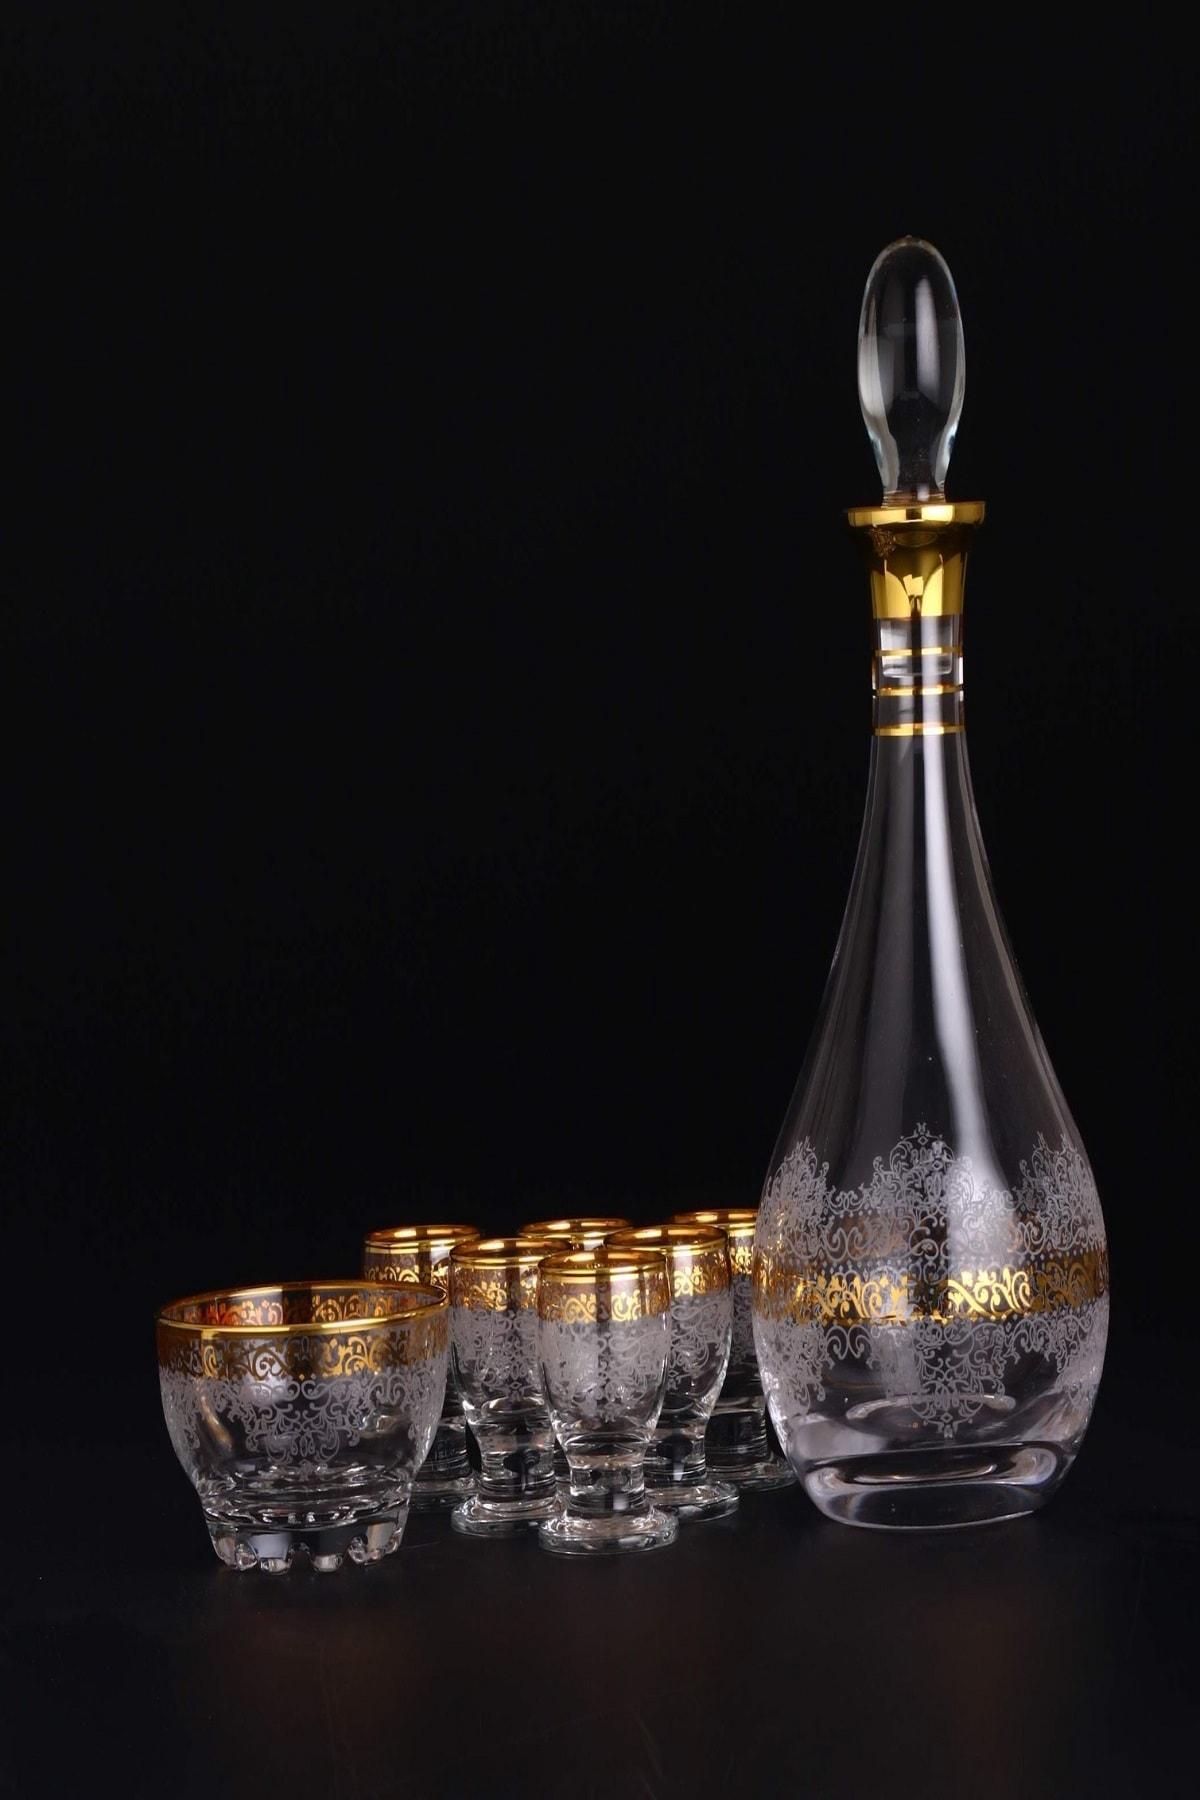 AbkaKristal 8 Parça Zemzem Takımı - Estel Altın 0